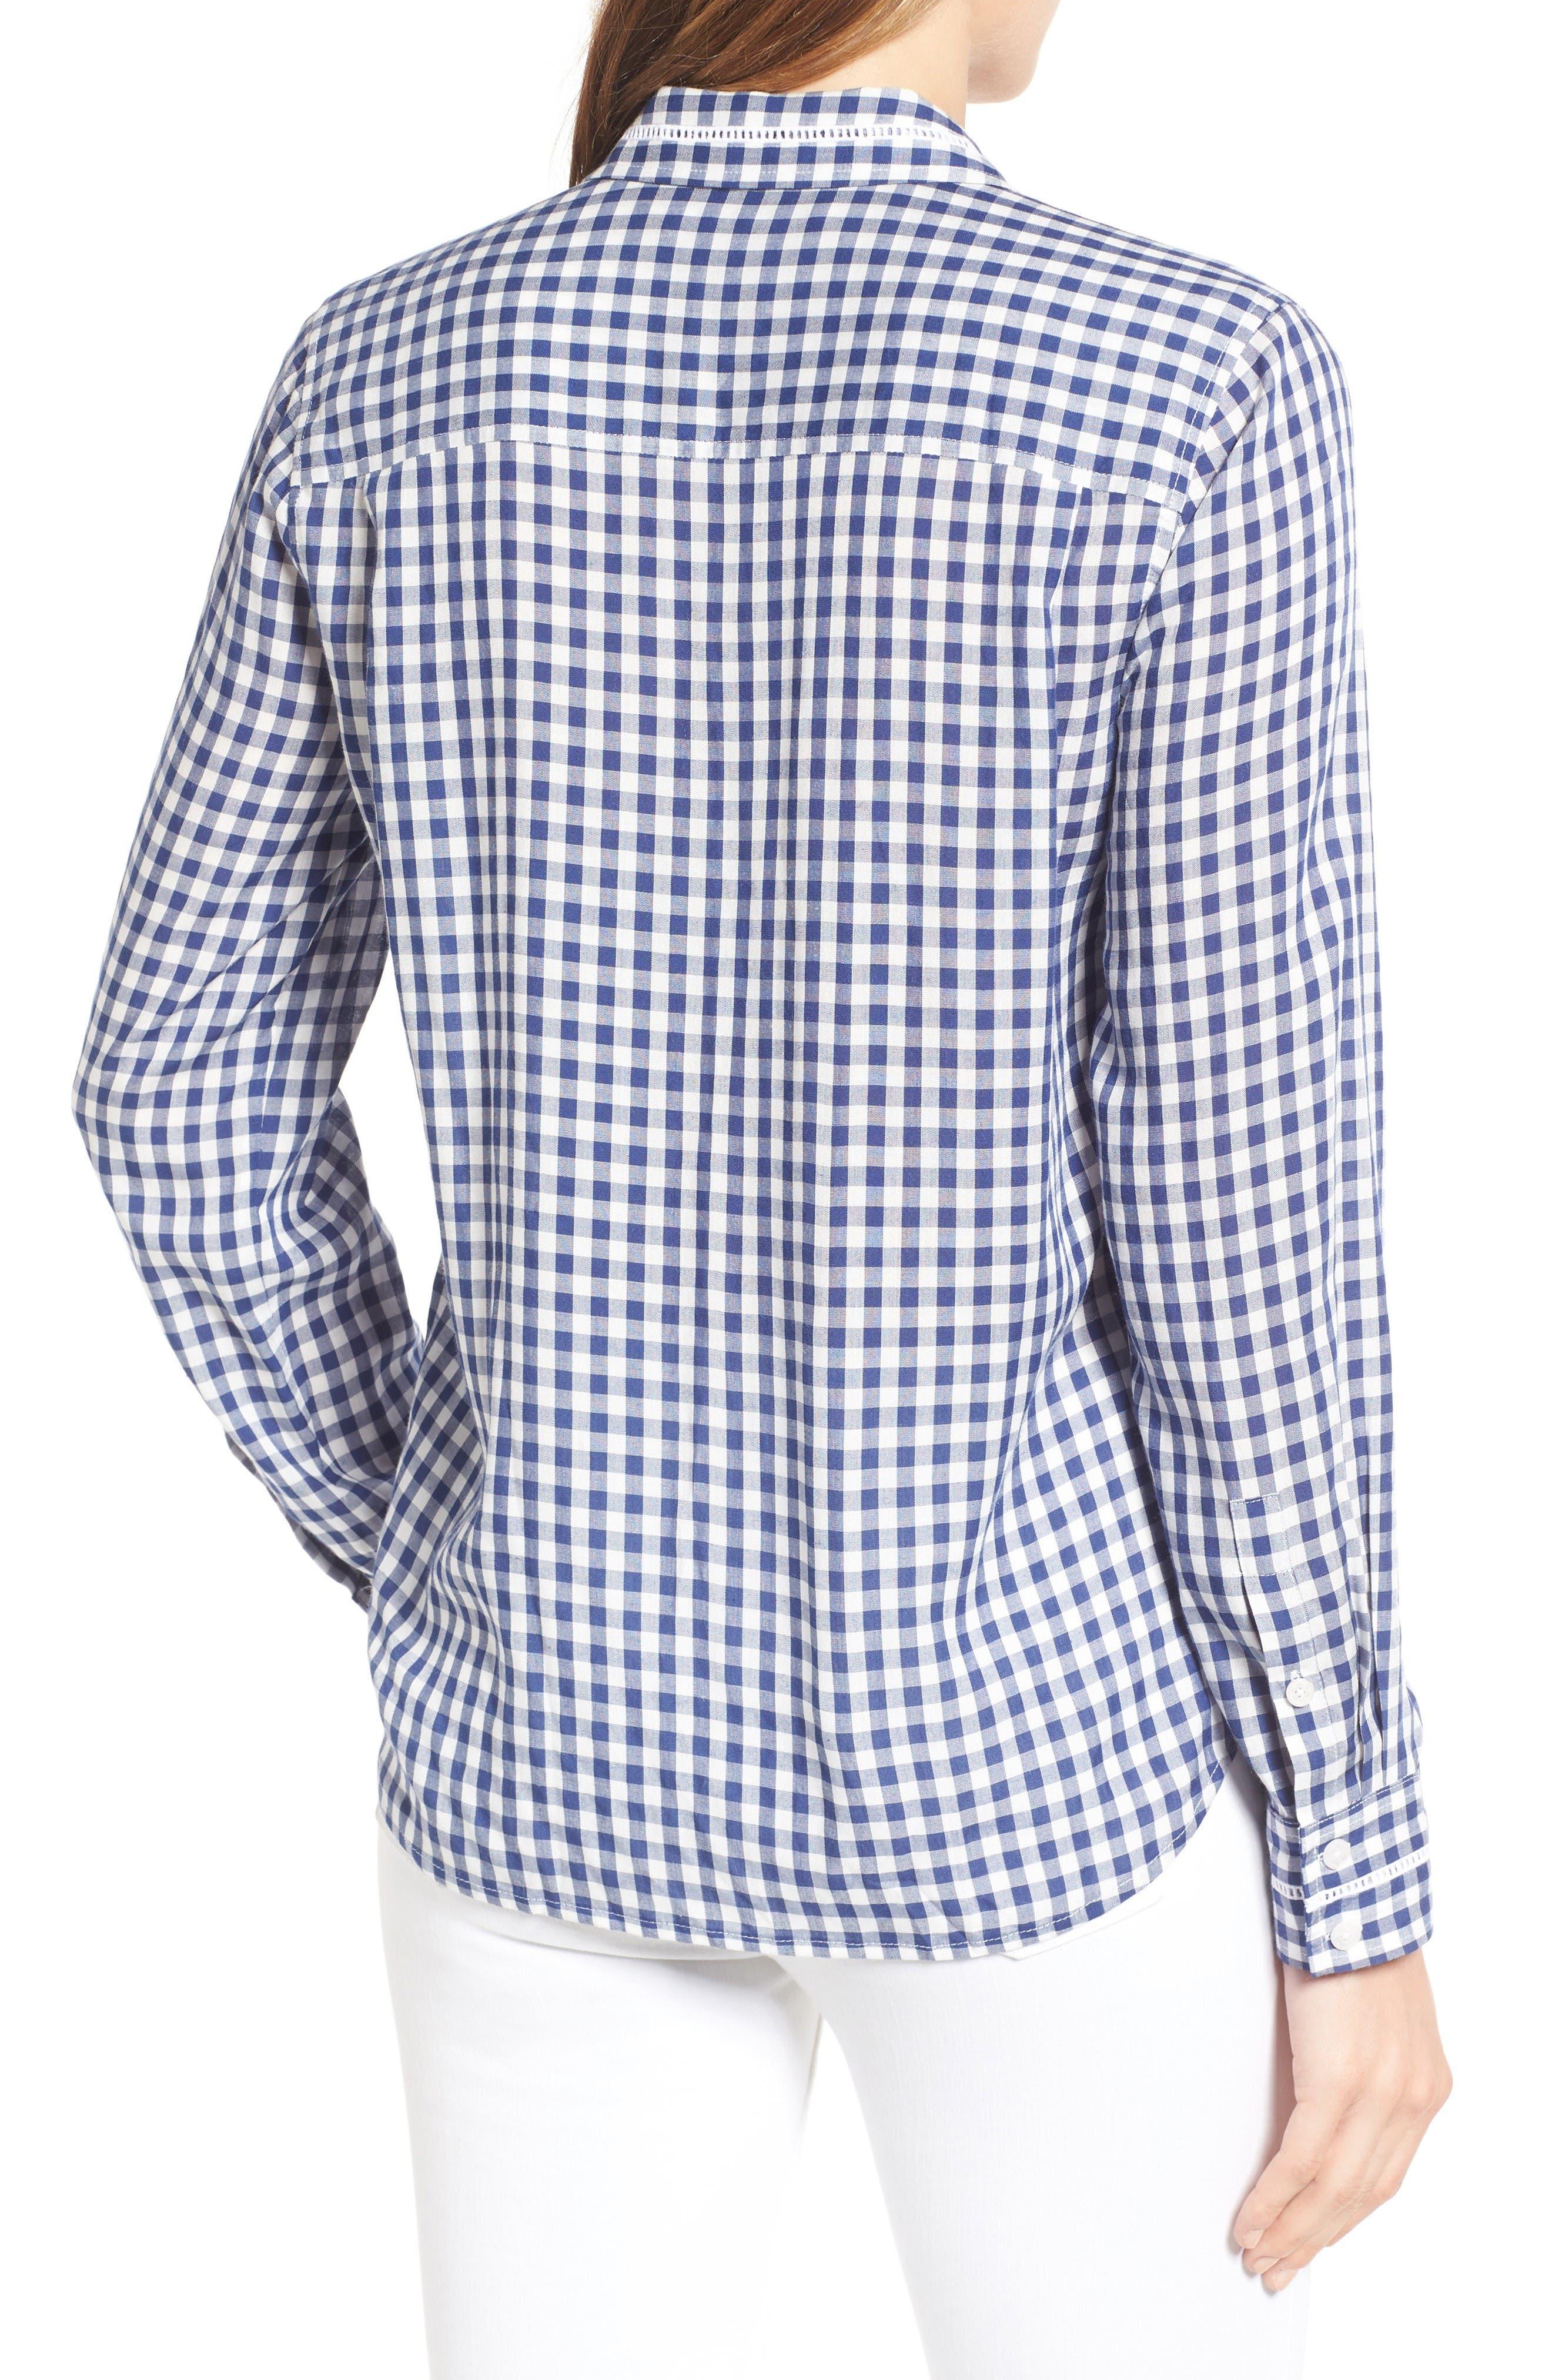 Alternate Image 2  - Draper James Elliot Gingham Shirt